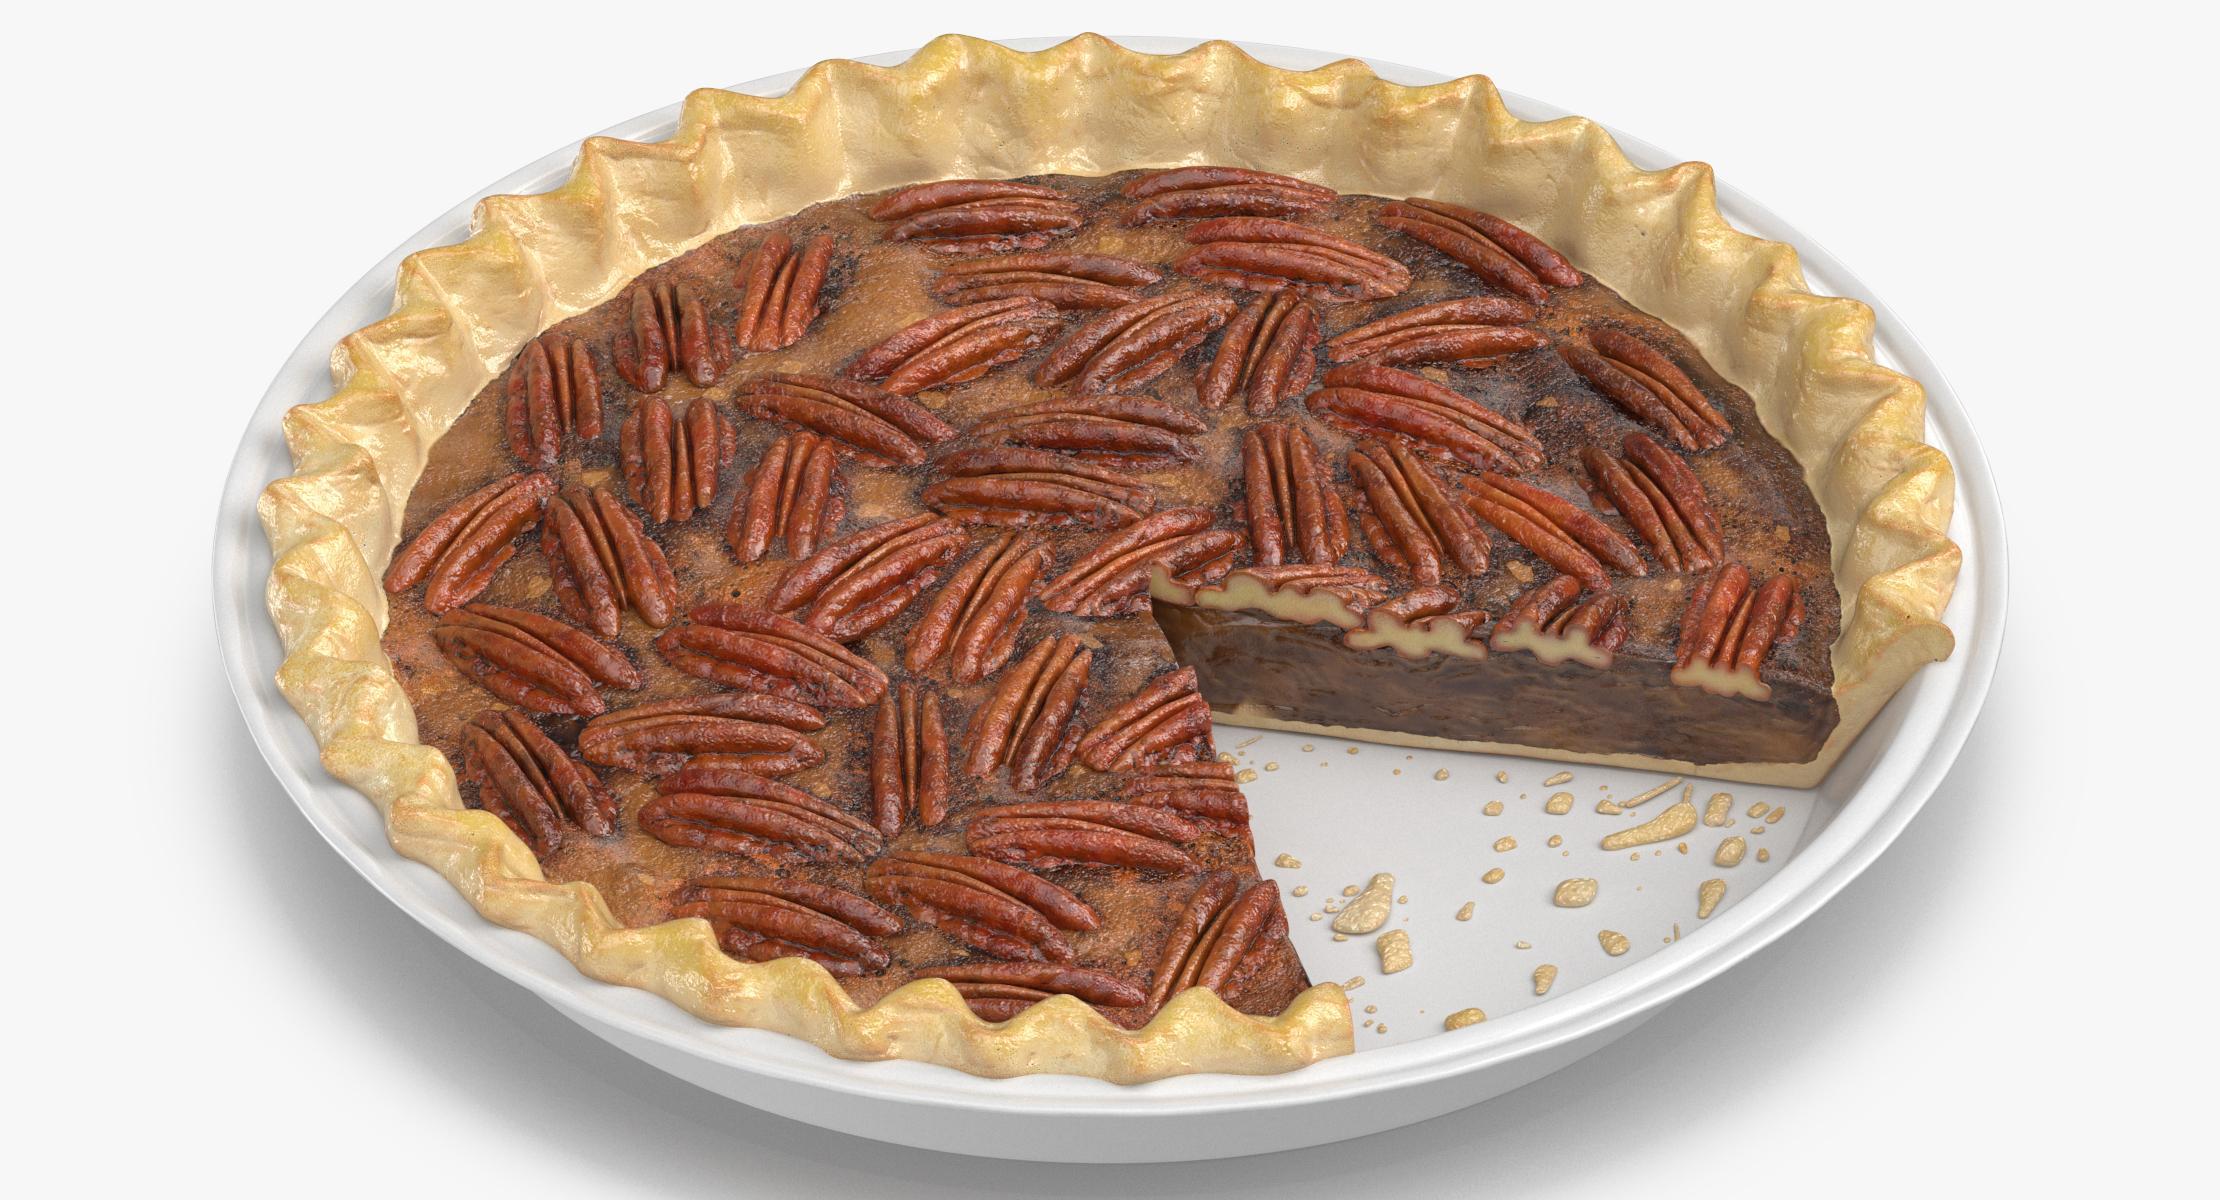 Pecan Pie 02 - reel 1